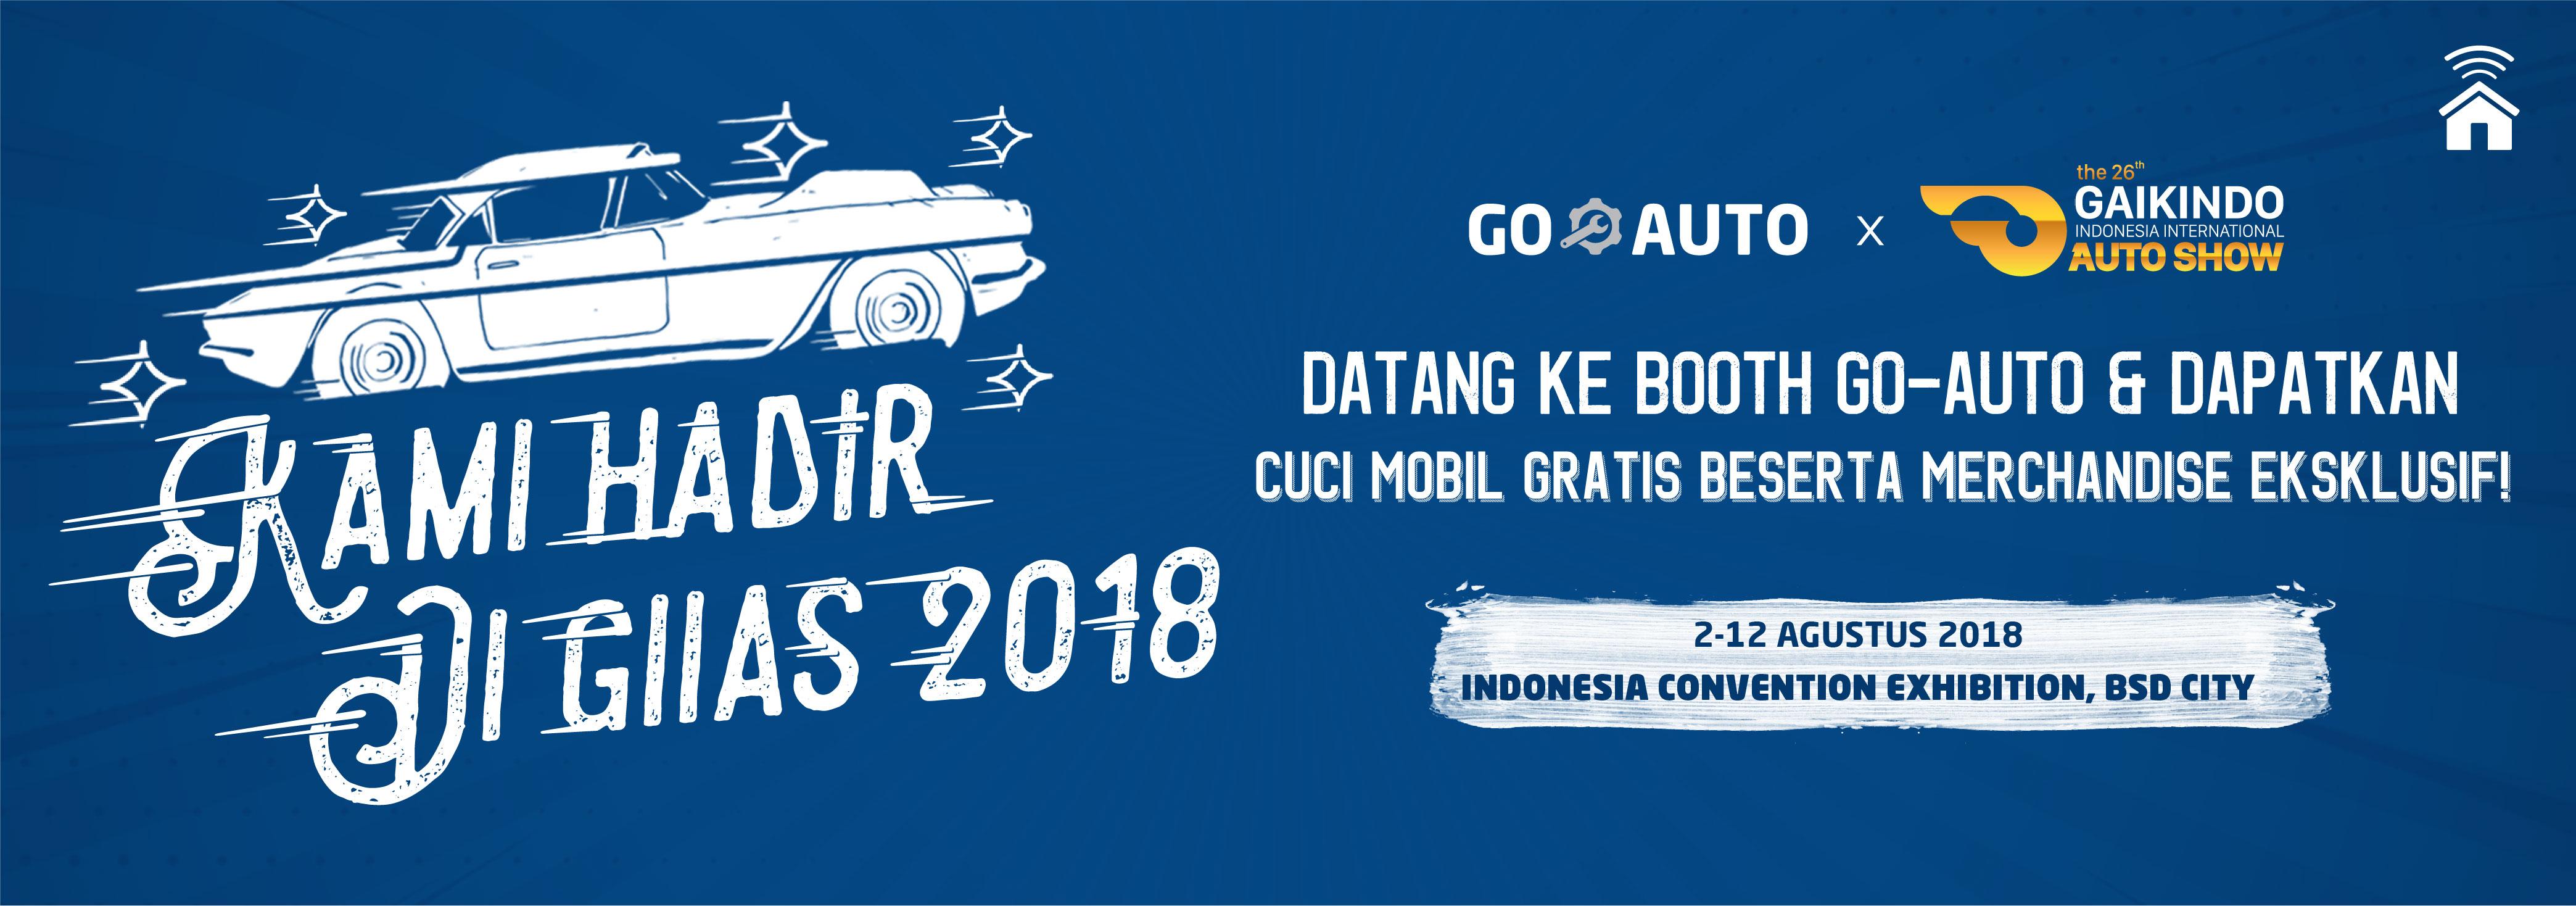 GO-AUTO Hadir di GIIAS 2018! Dapatkan Cuci Mobil Gratis & Merchandise Keren Lainnya